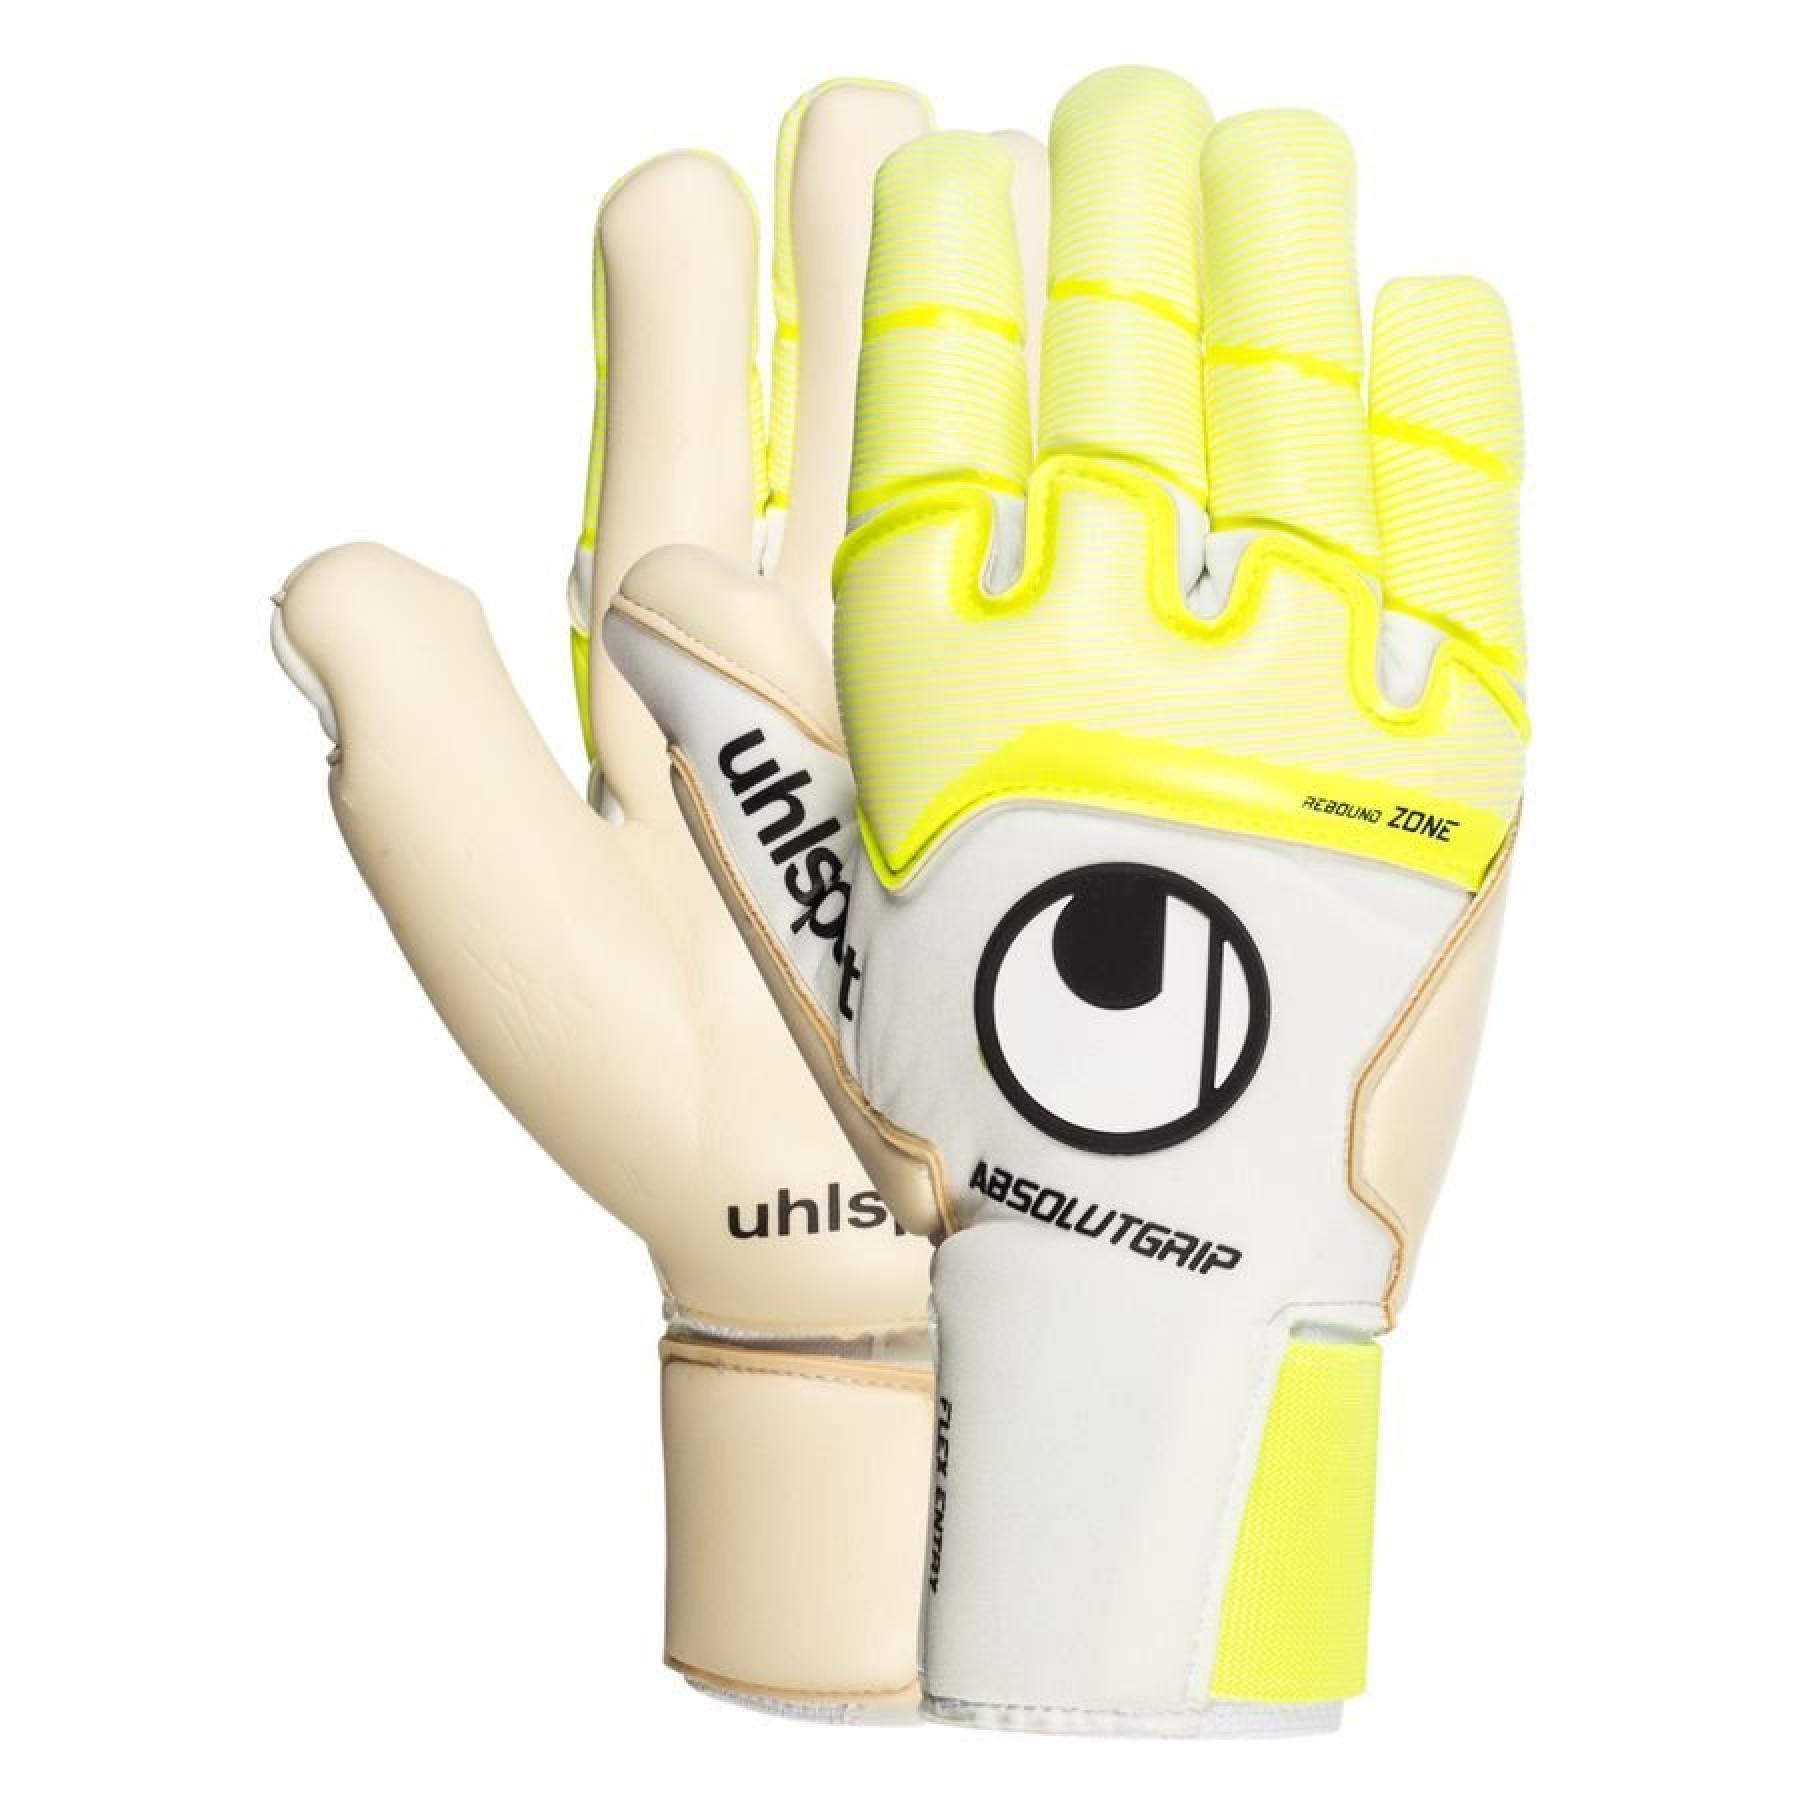 Uhlsport Pure Alliance Absolutgrip Reflex Gloves